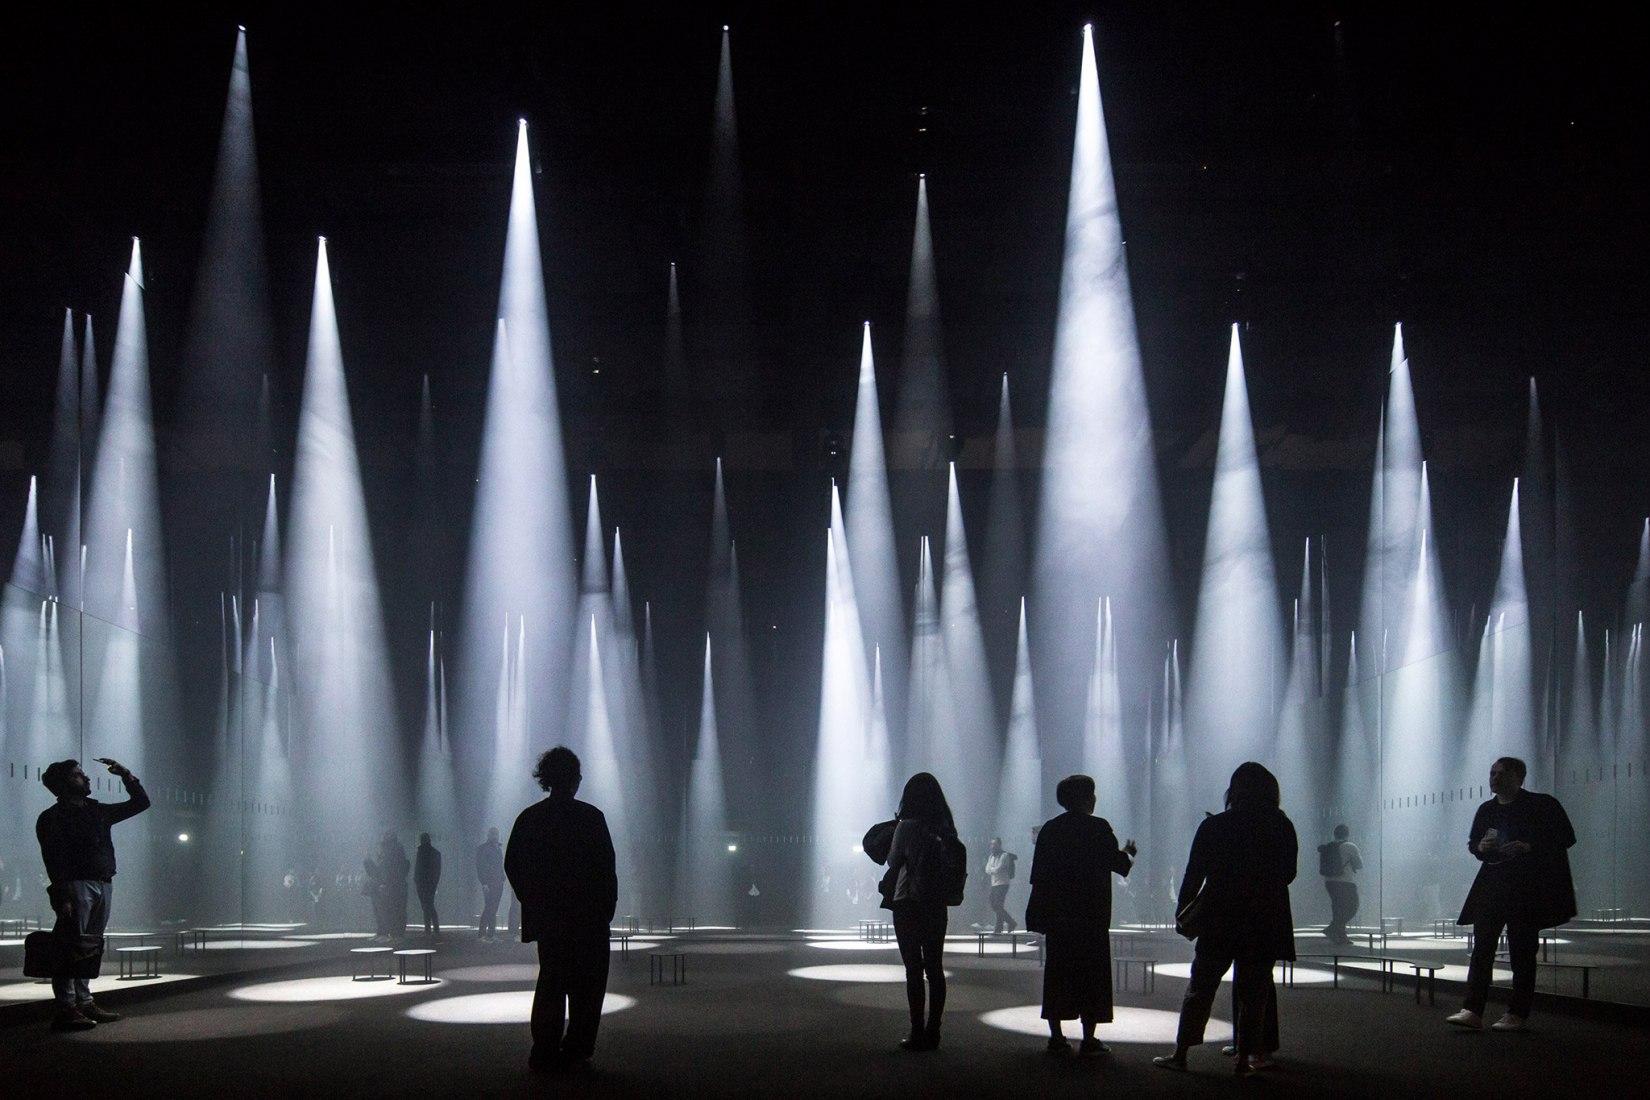 Edificios en uso. La fotografía de Laurian Ghinitoiu es finalista por su toma de la instalación Bosque de Luz de Sou Fujimoto que fue creada para la marca de ropa COS en la semana del diseño de Milán de este año.